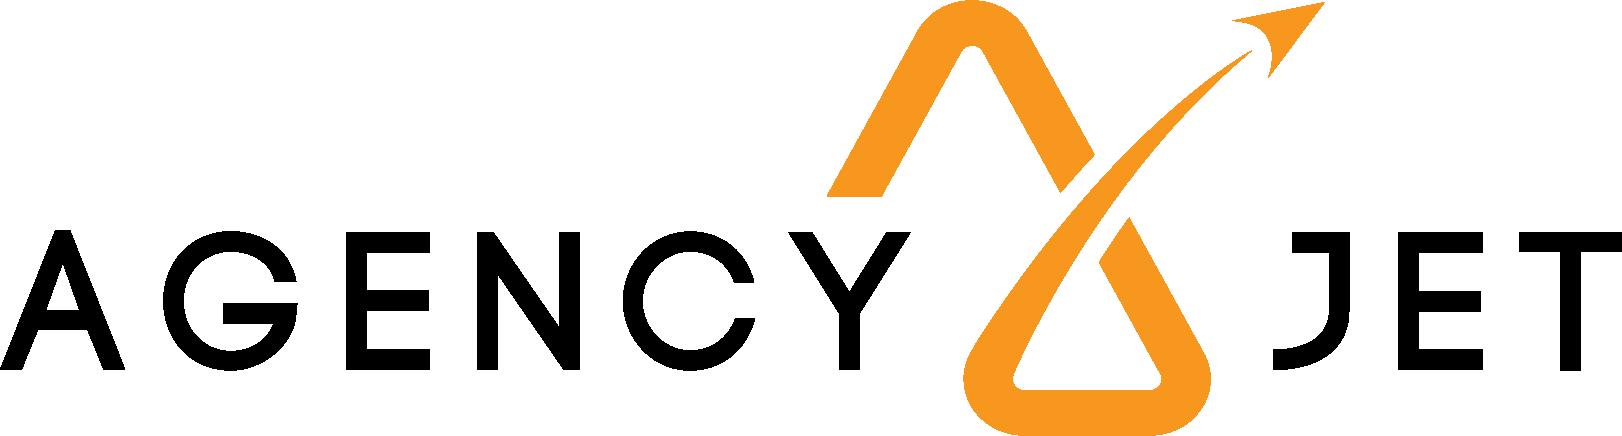 Primary Logo - Transparent